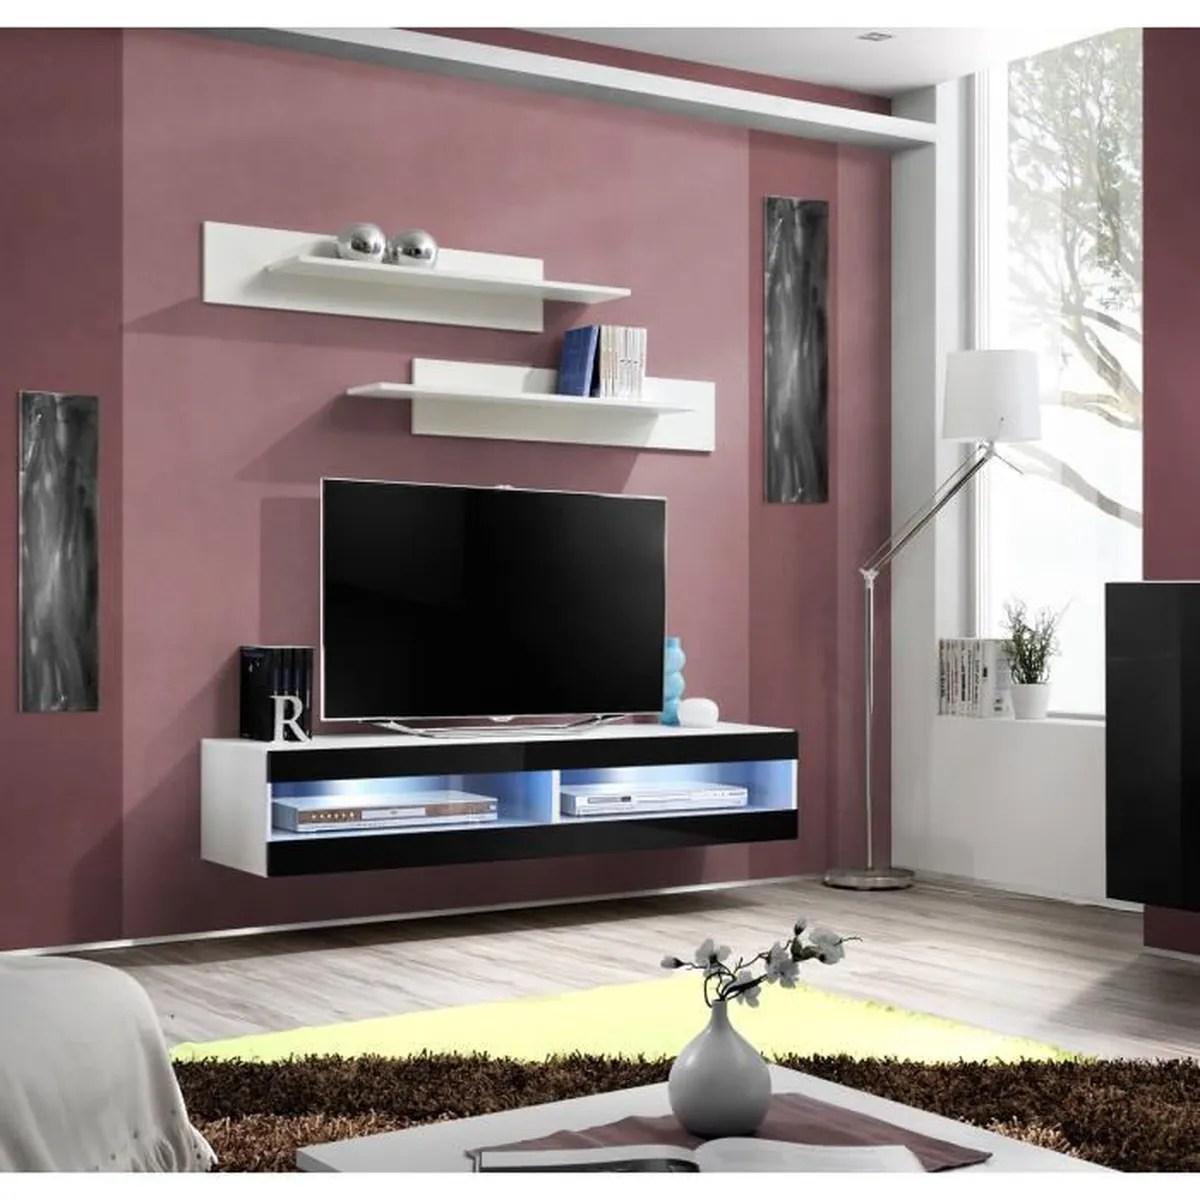 Meuble Tv Led Pas Cher Parfait Meuble Tv 80 Cm Pour Acheter Meuble